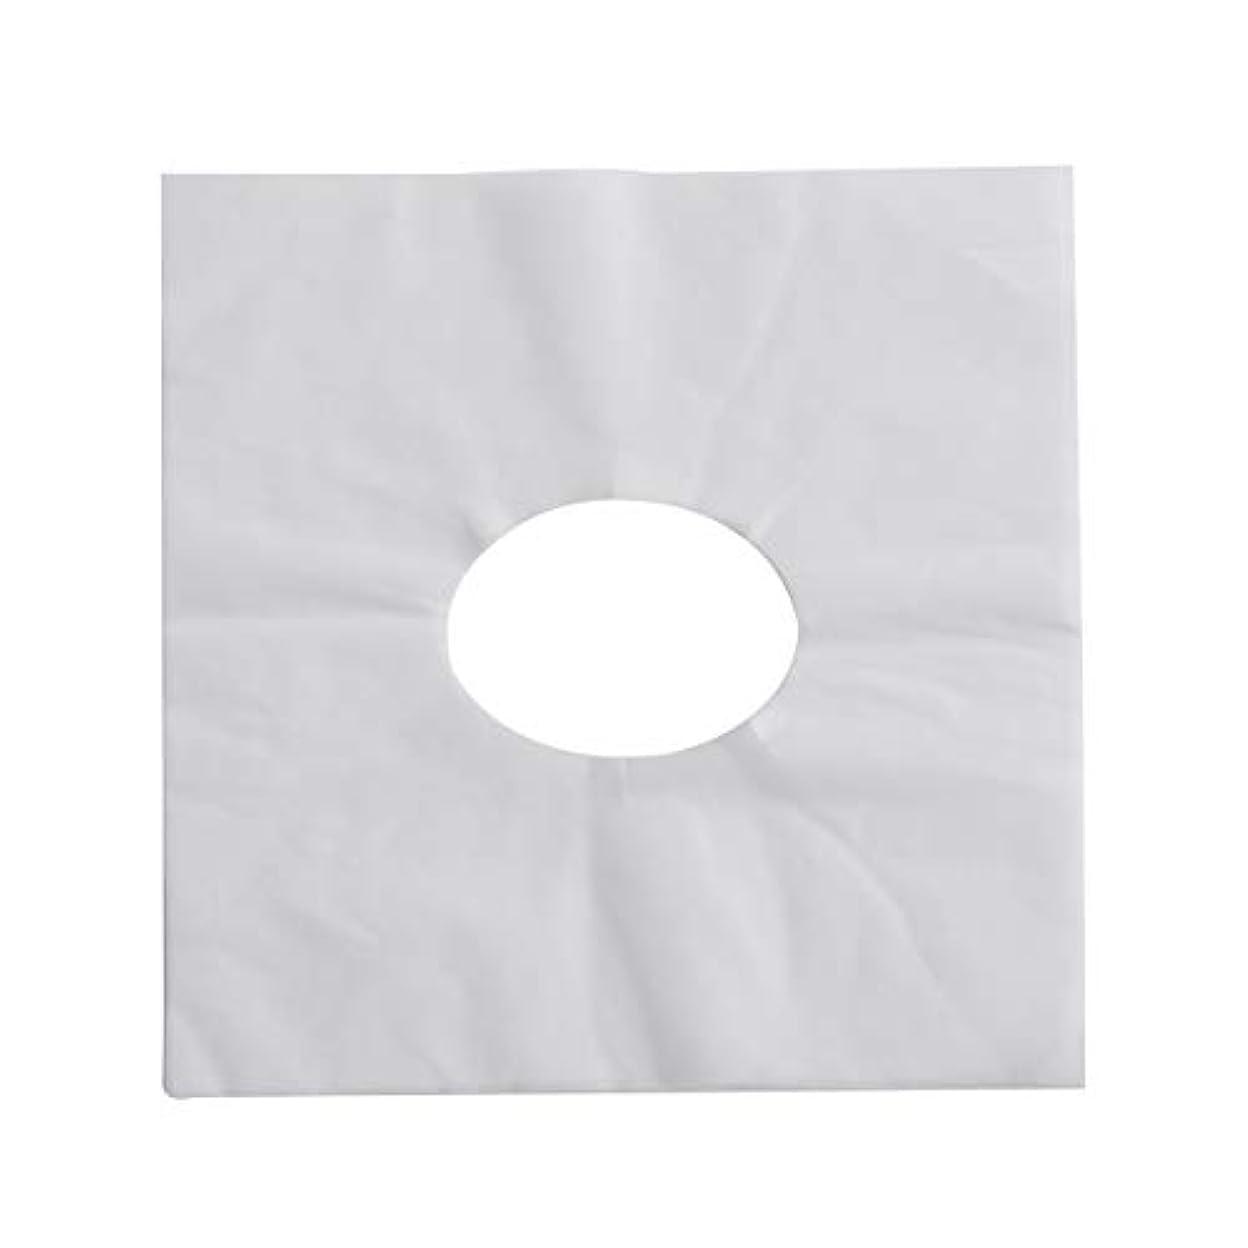 SUPVOX 100ピース使い捨てマッサージフェイスクレードルカバーフェイスマッサージヘッドレストカバー用スパ美容院マッサージ(ホワイト)